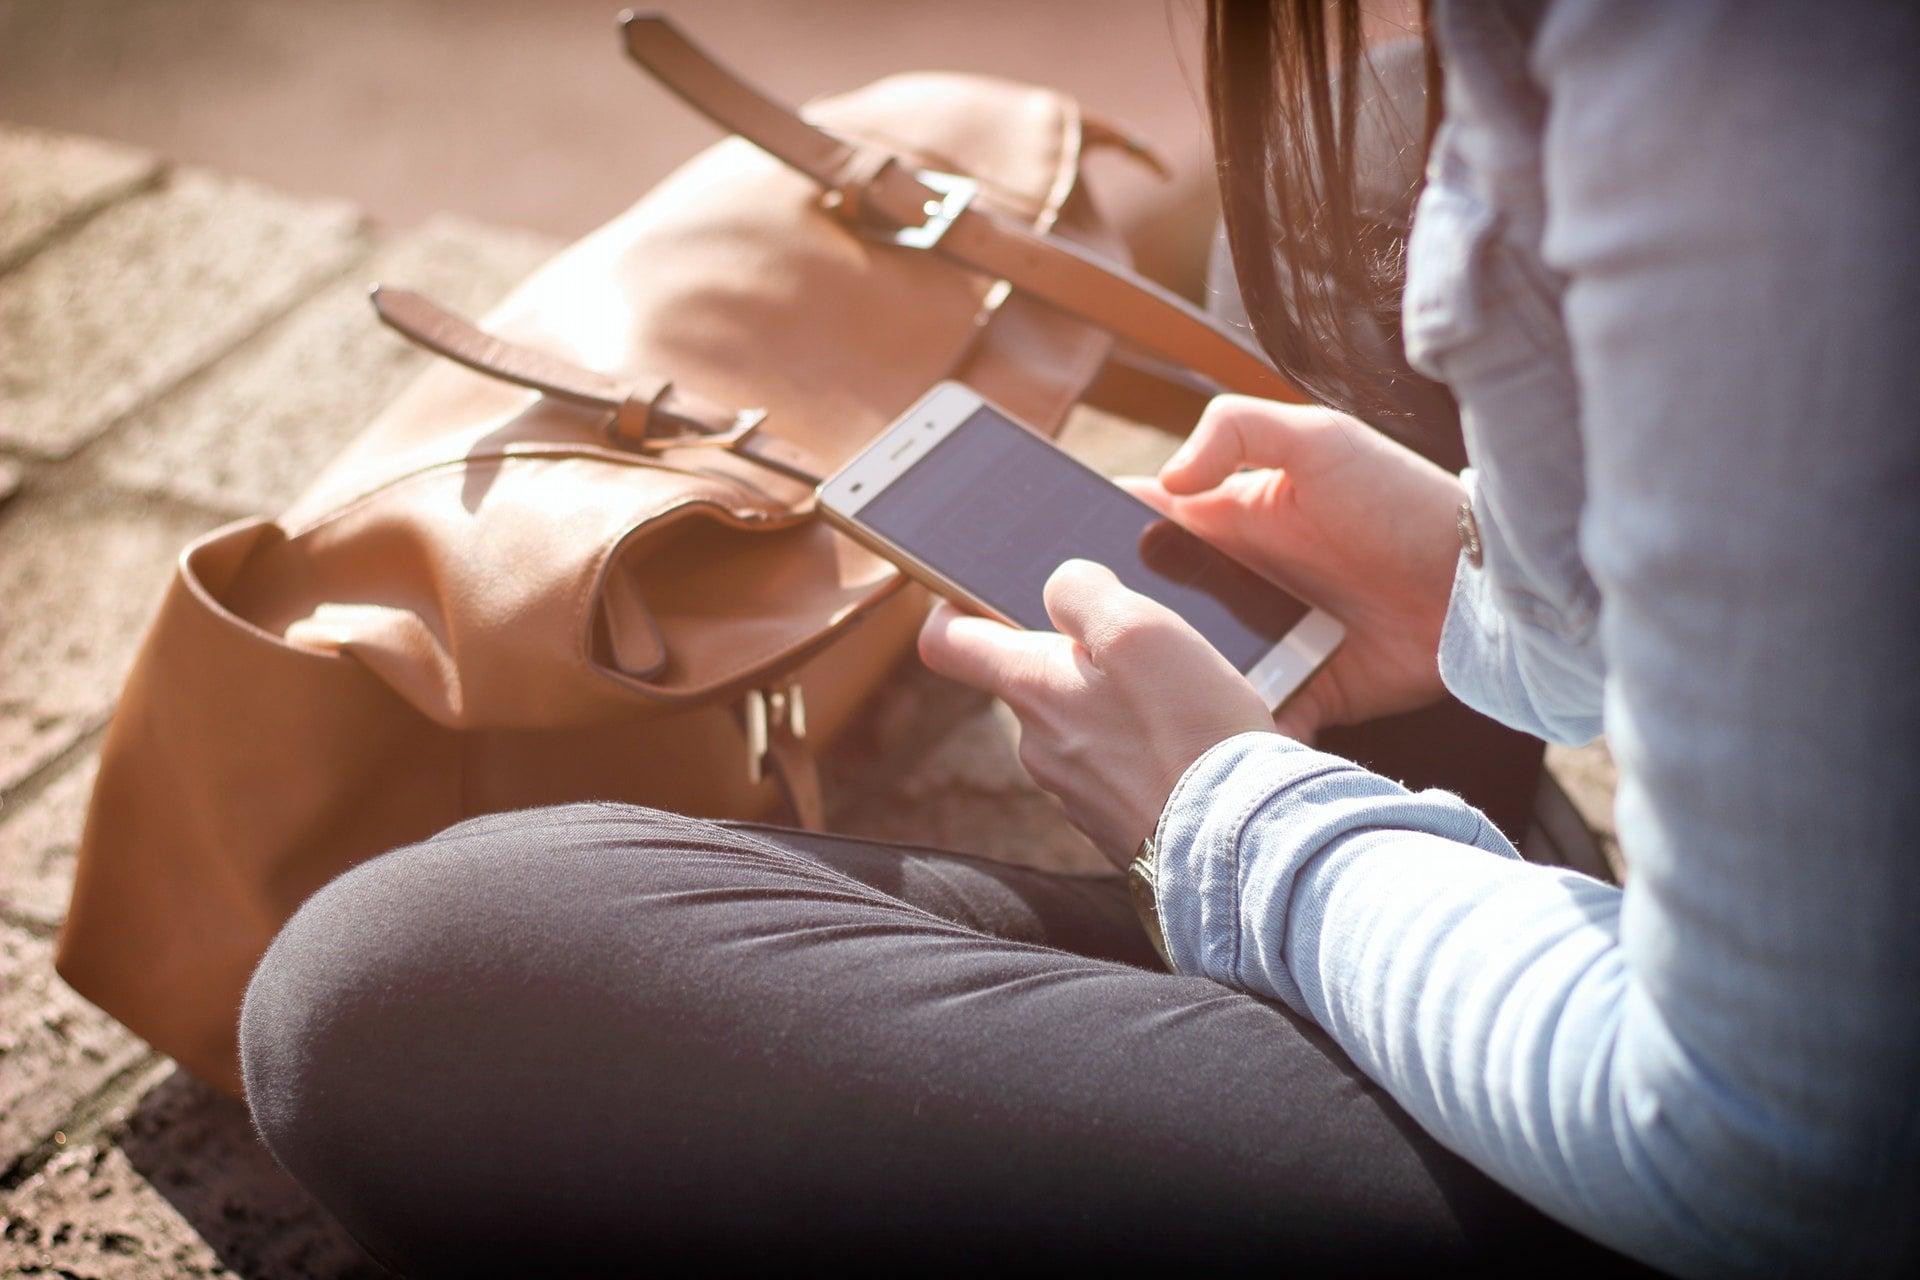 Tabletowo.pl Jak użytkownicy w Polsce zabezpieczają swoje smartfony? Ciekawostki Raporty/Statystyki Smartfony